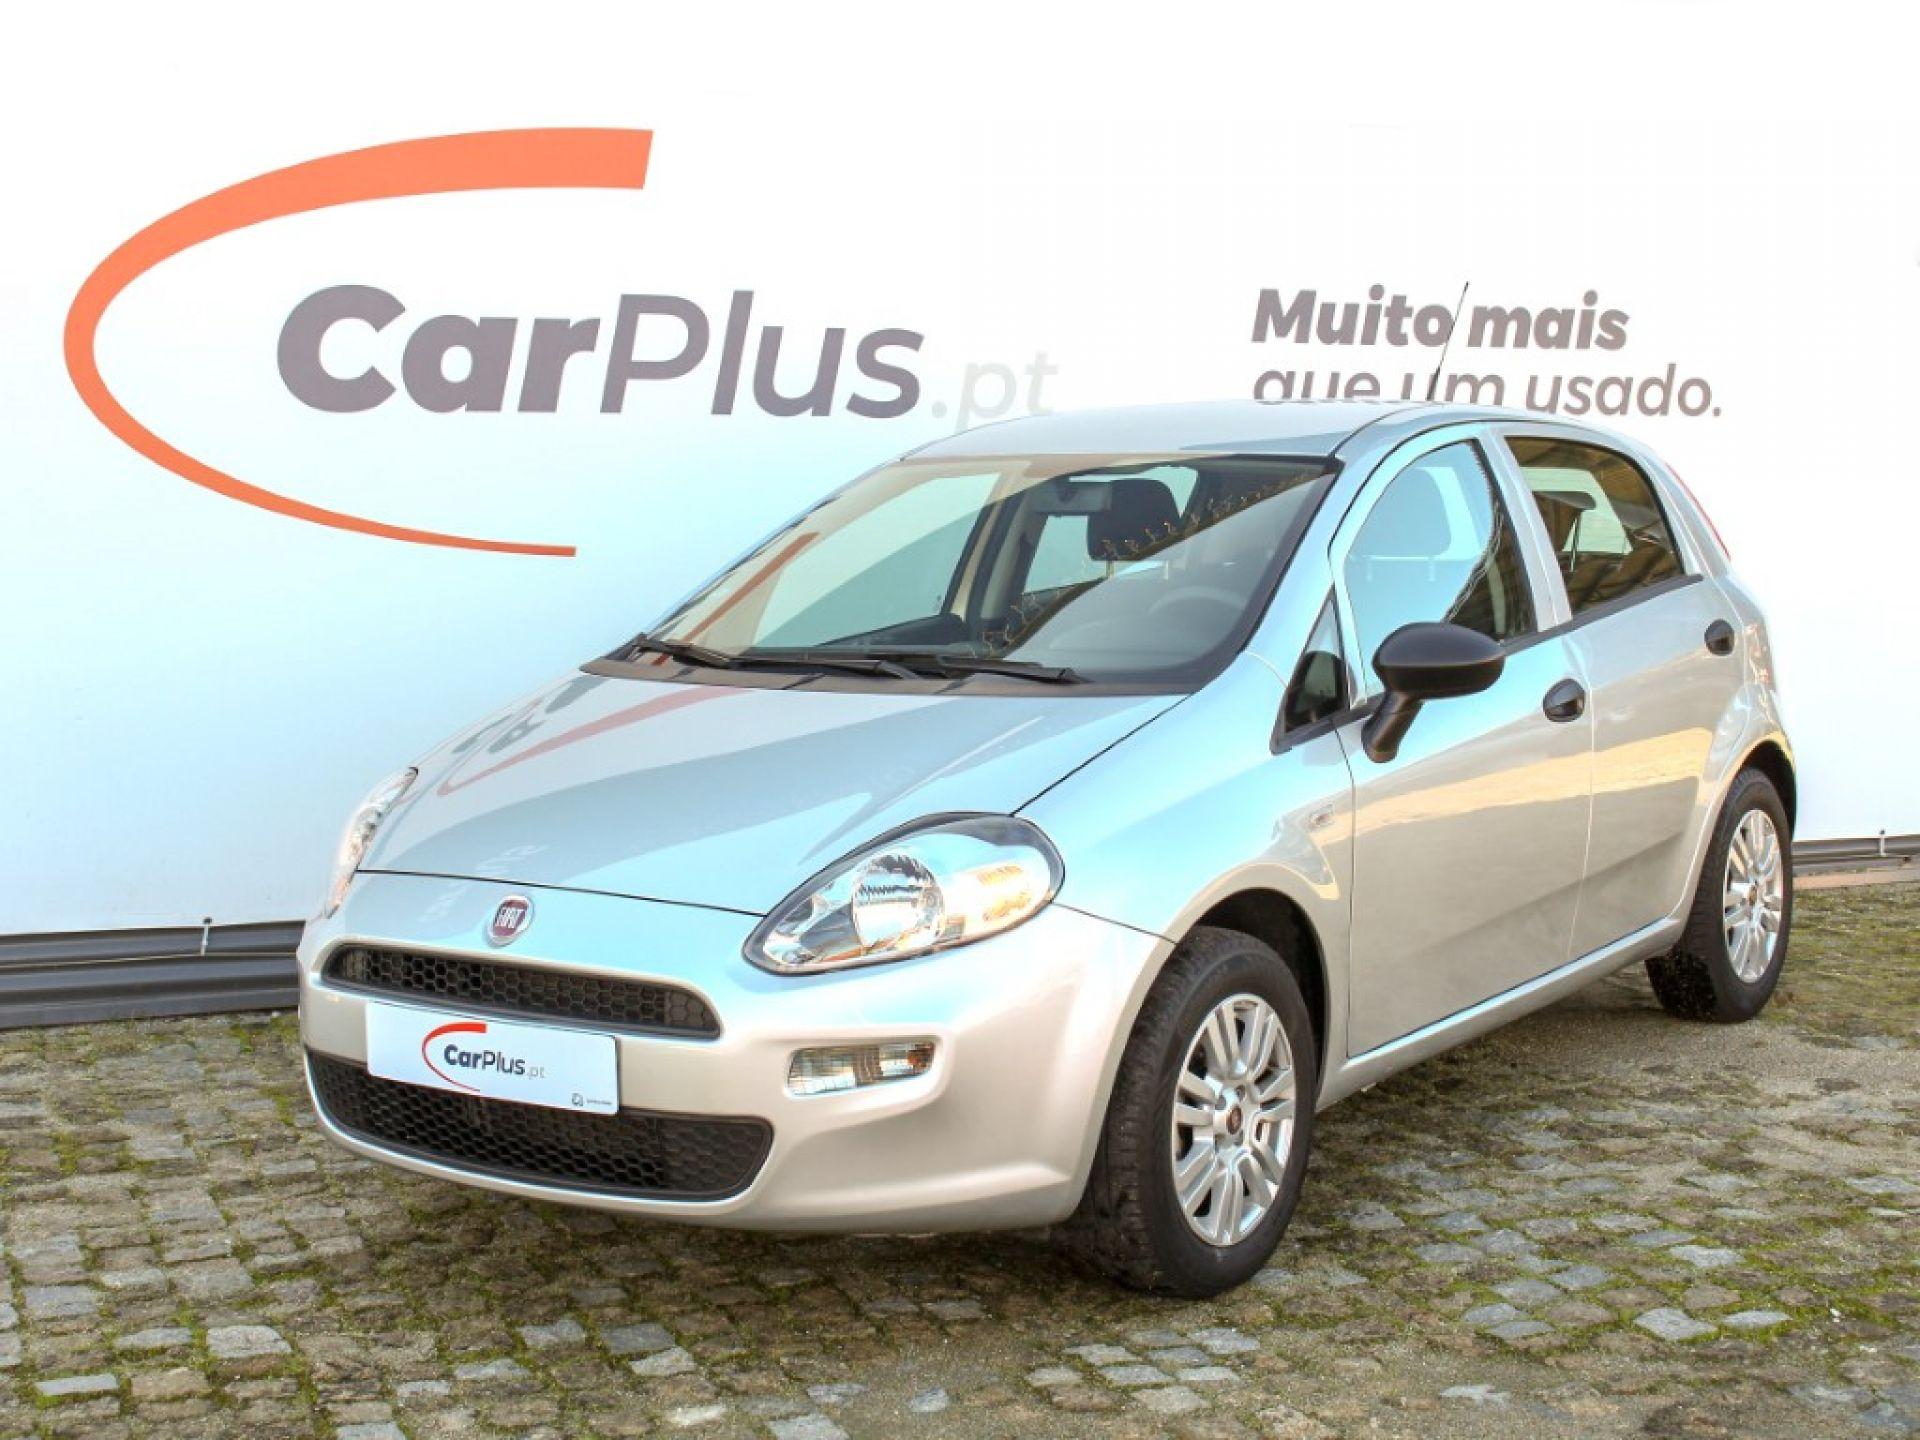 Fiat Punto 1.2 8v 67cv Easy segunda mão Porto